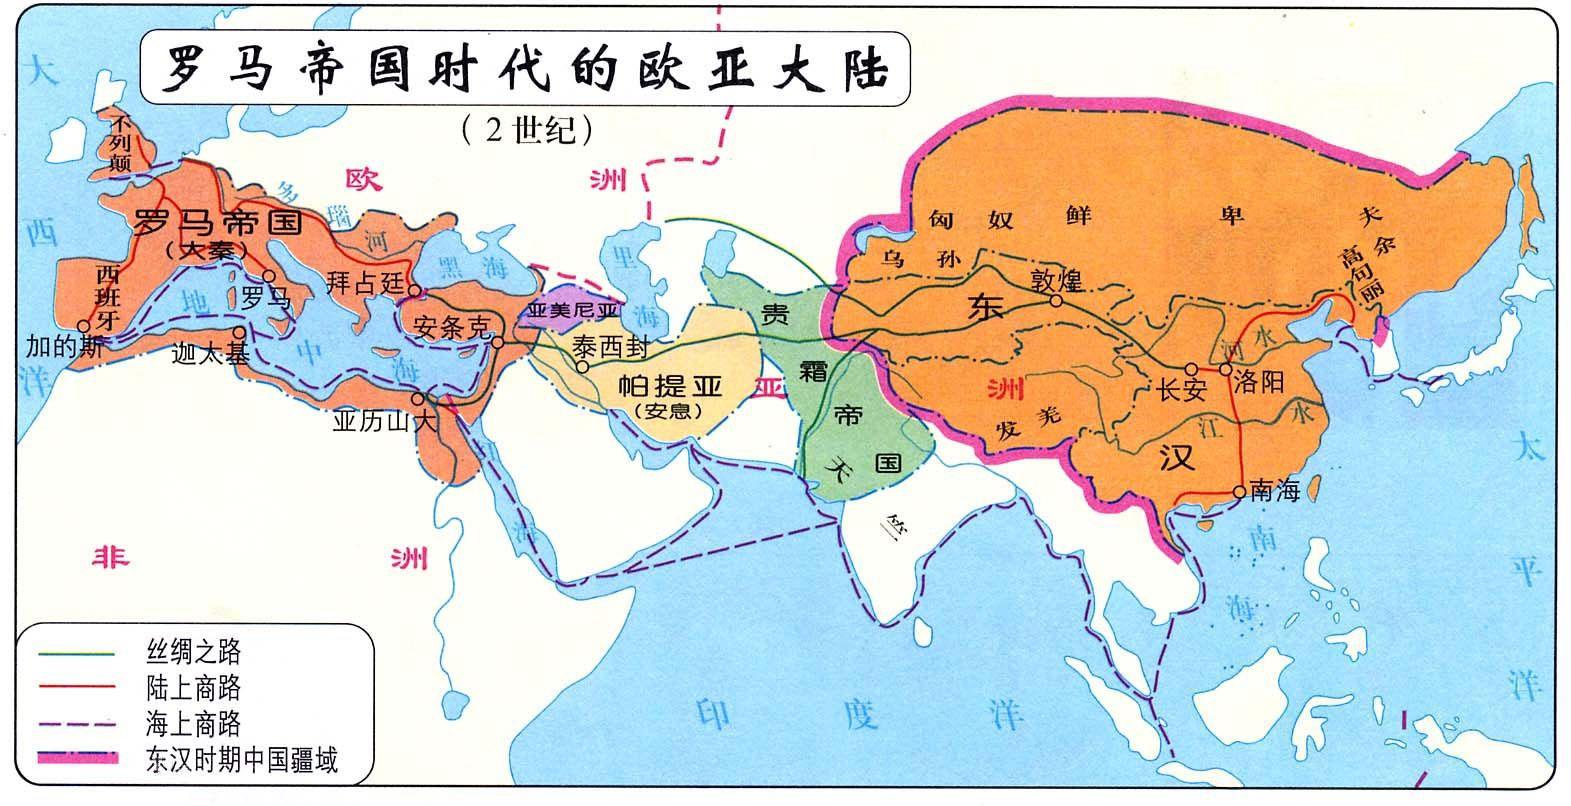 大陆地图(2世纪)